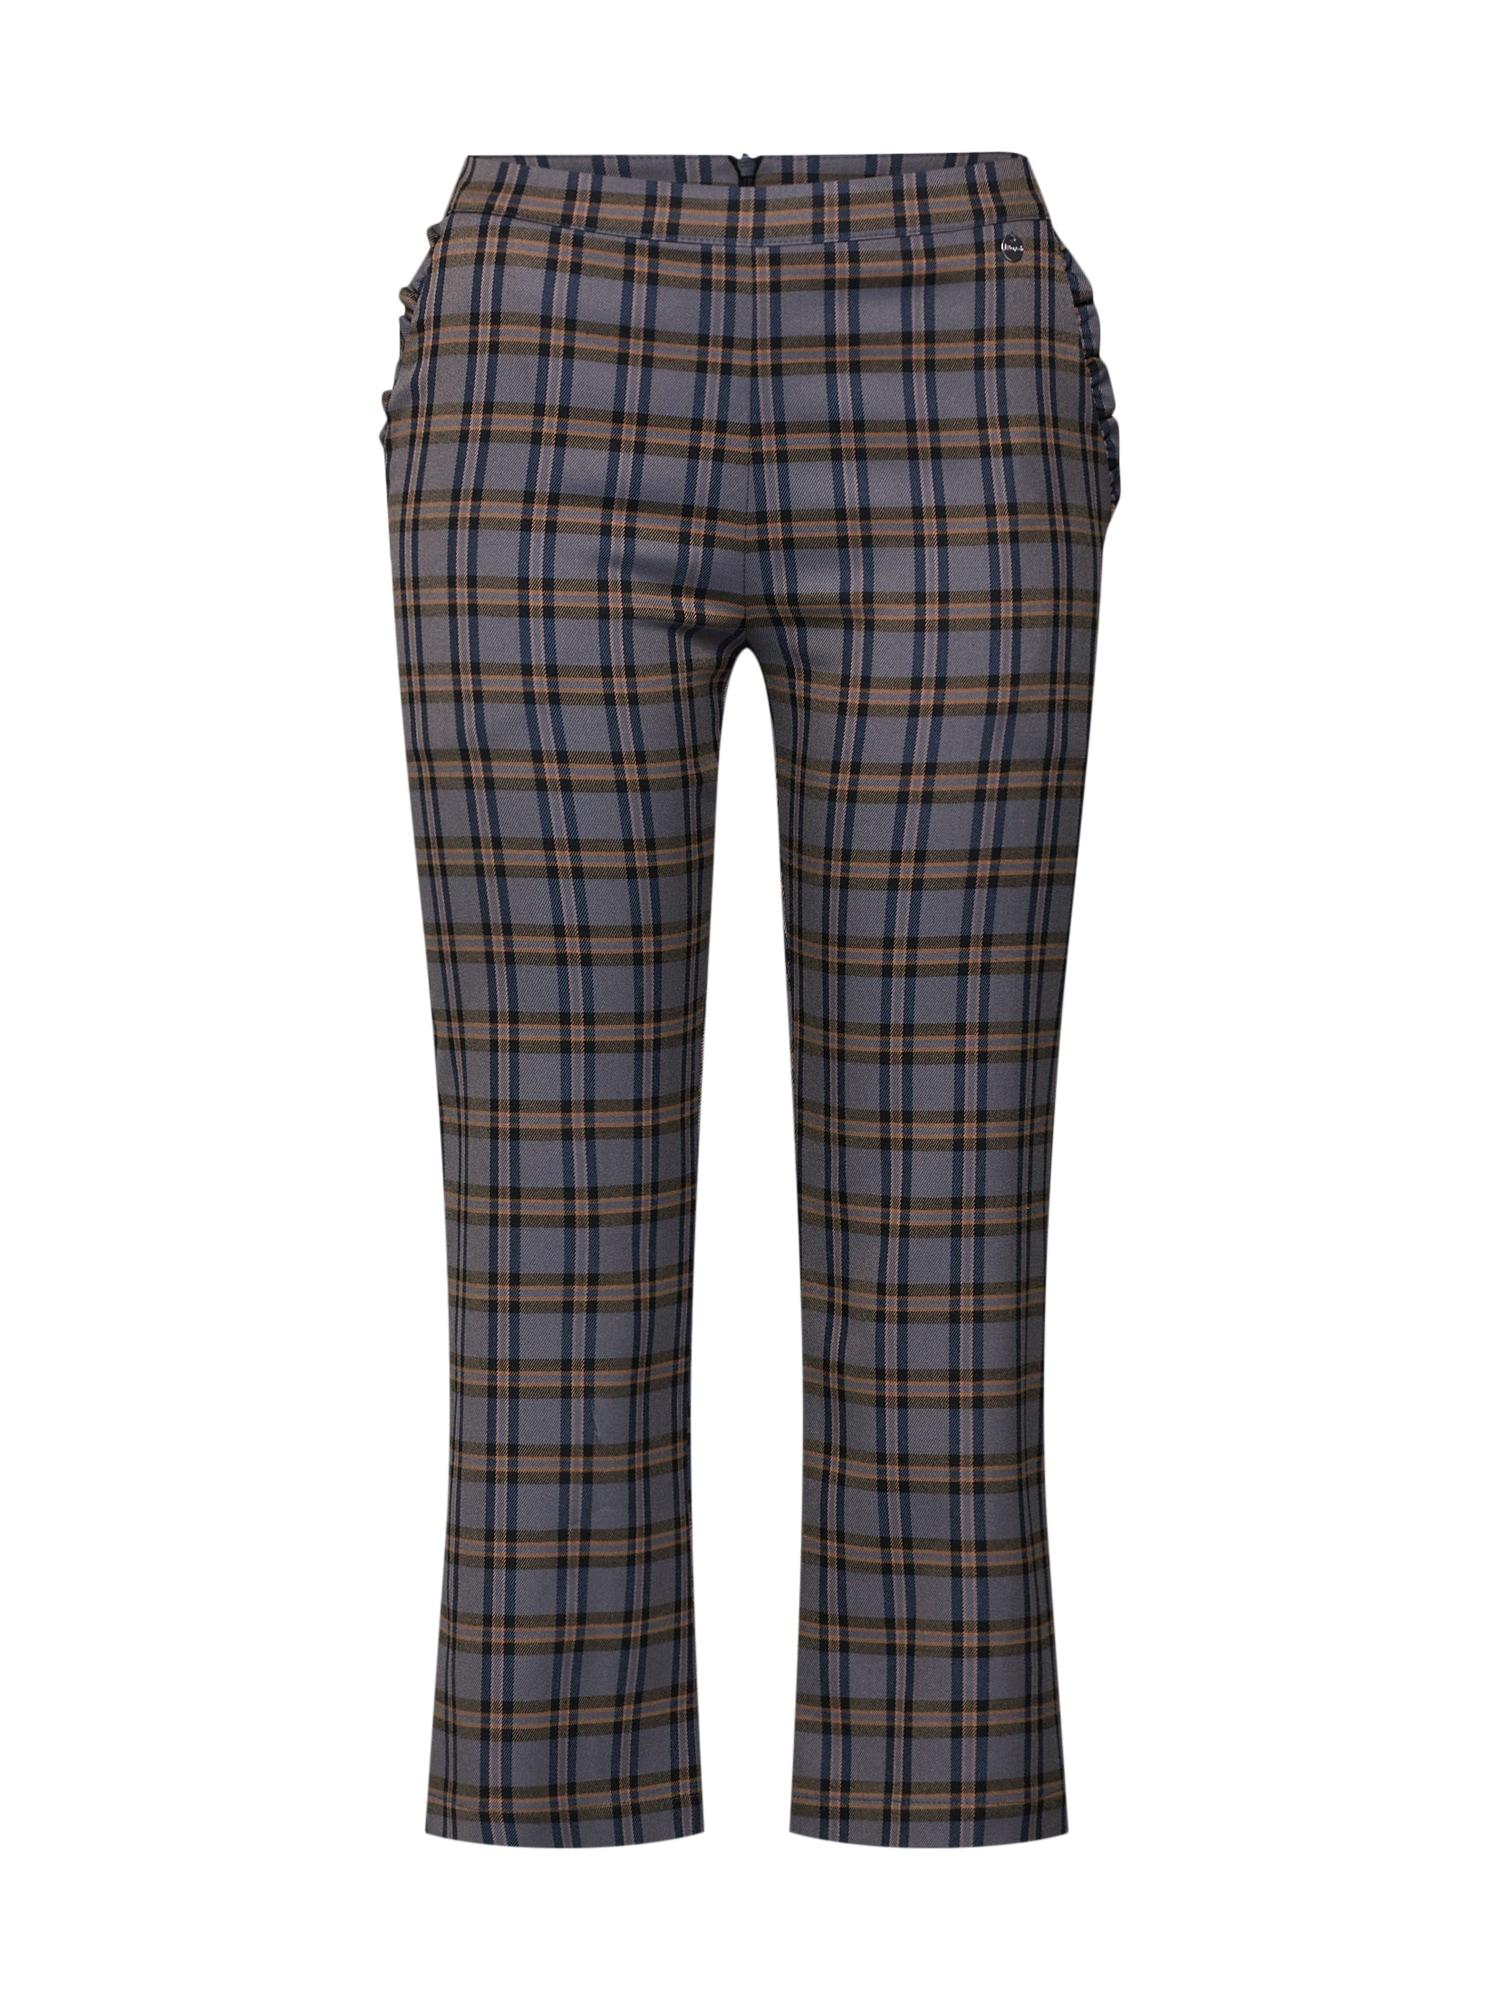 Kalhoty LG006020 tmavě šedá mix barev Liebesglück